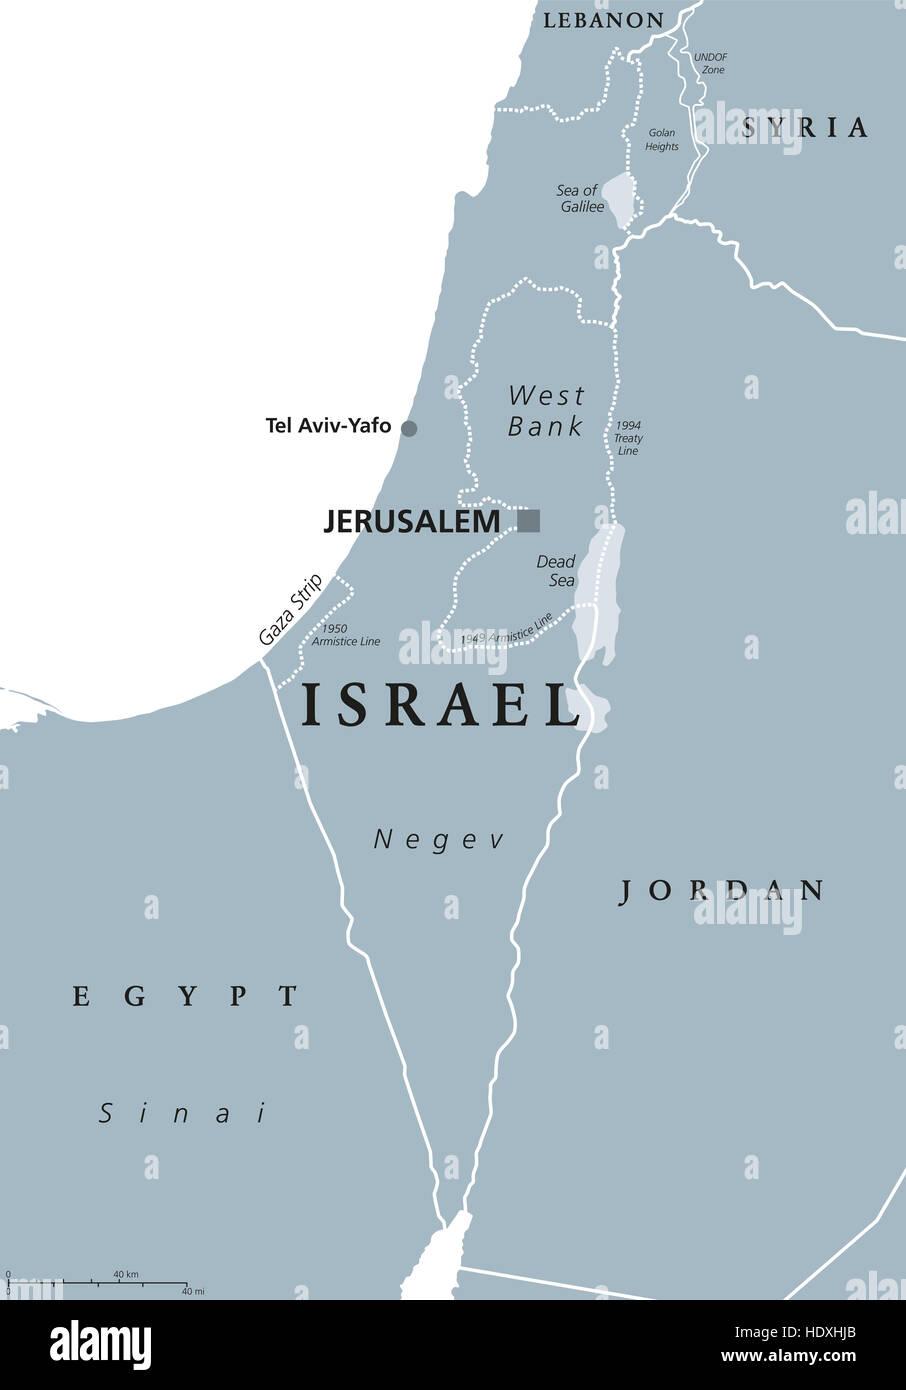 Karte Naher Osten Israel.Israels Politische Karte Mit Hauptstadt Jerusalem Und